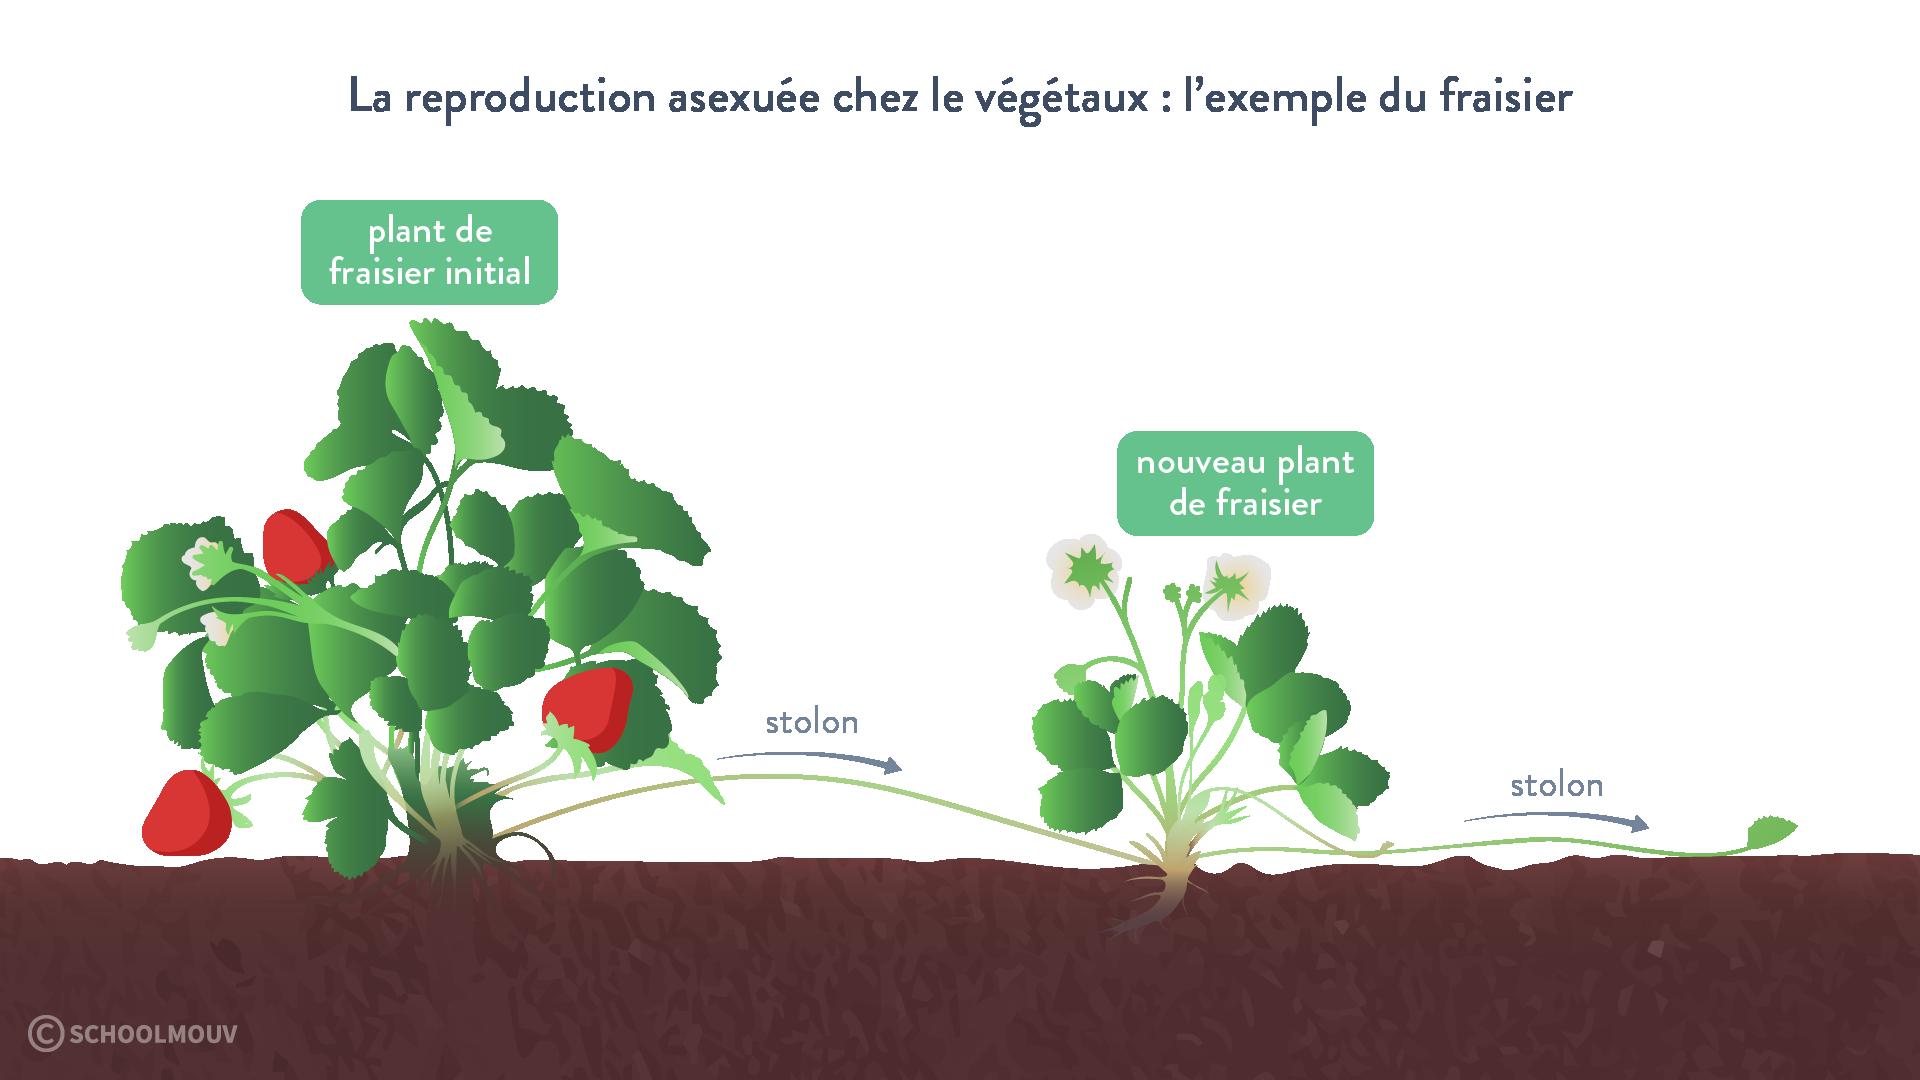 Schéma de la reproduction asexuée du fraisier